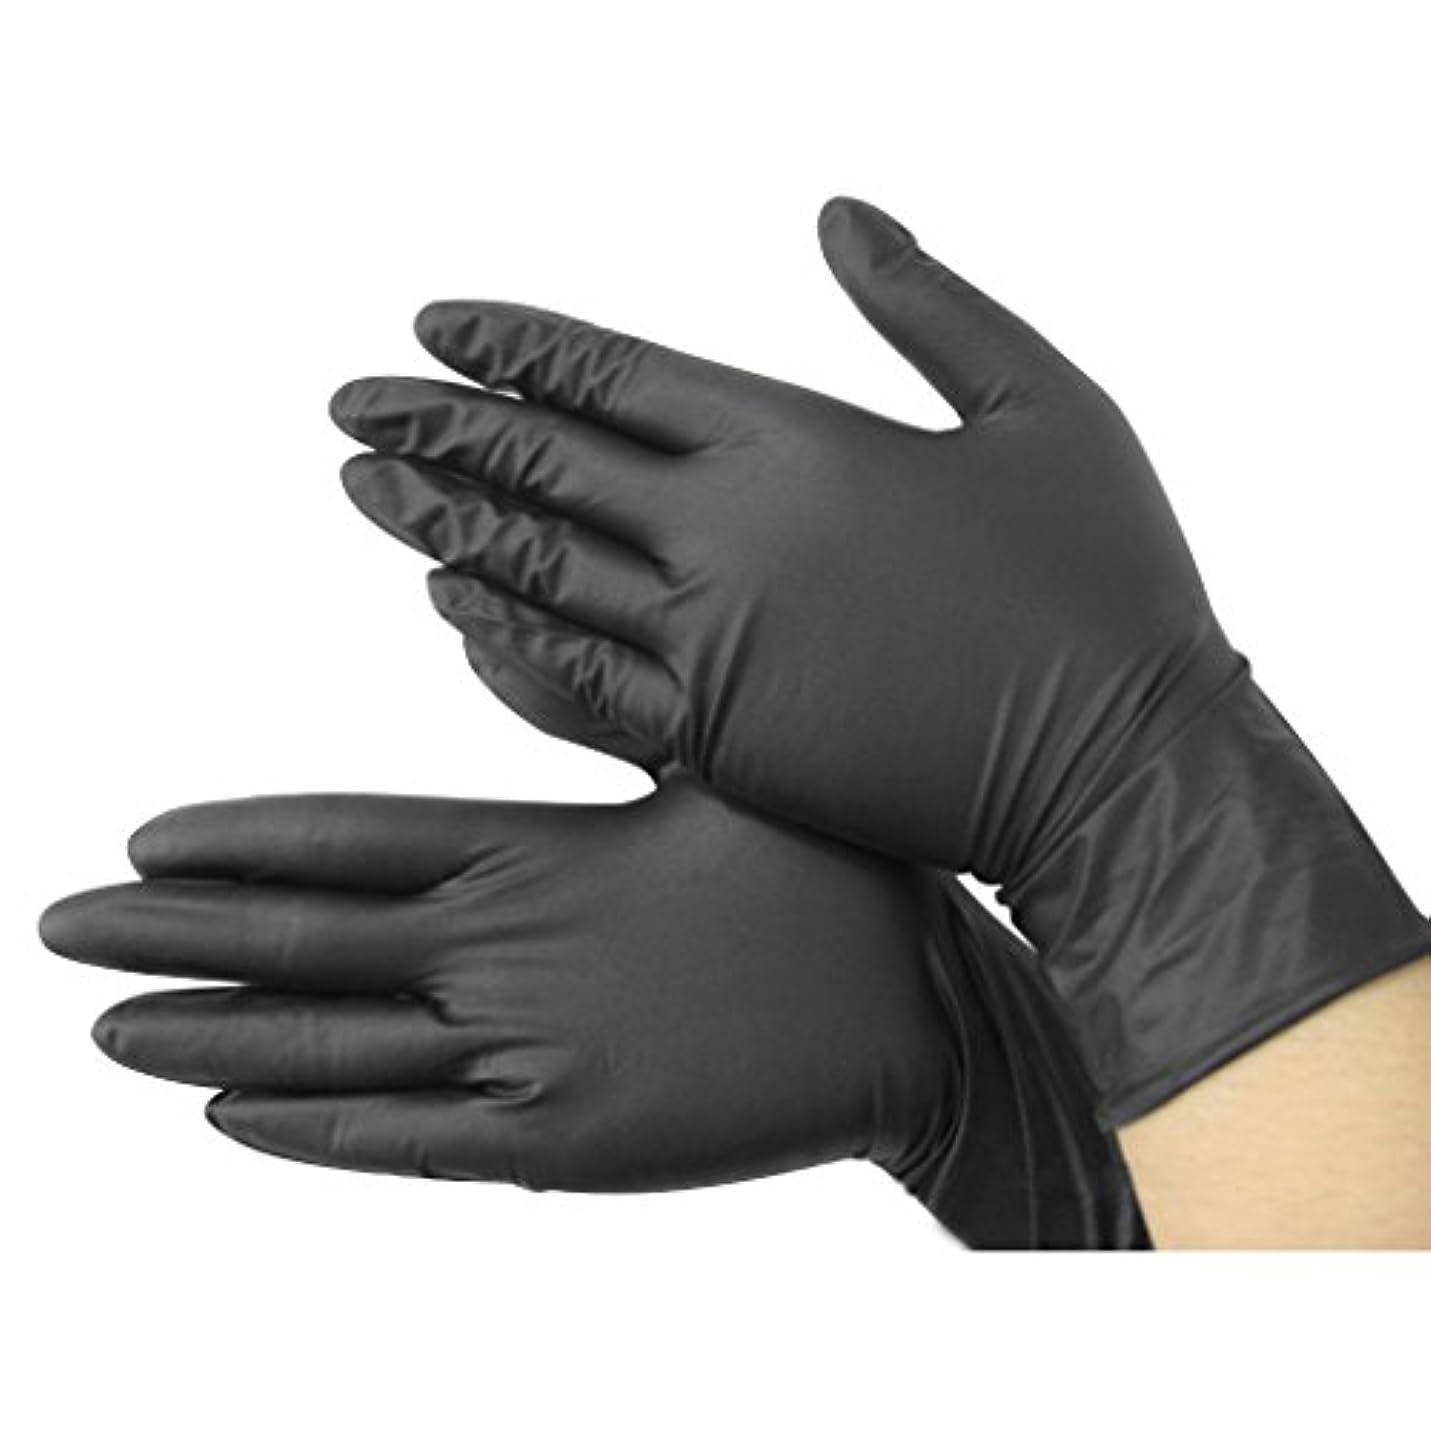 敬意を表して一生少年CUHAWUDBA 黒いニトリル使い捨てクール手袋 パワーフリーX100 - 入れ墨 - メカニック 新しい